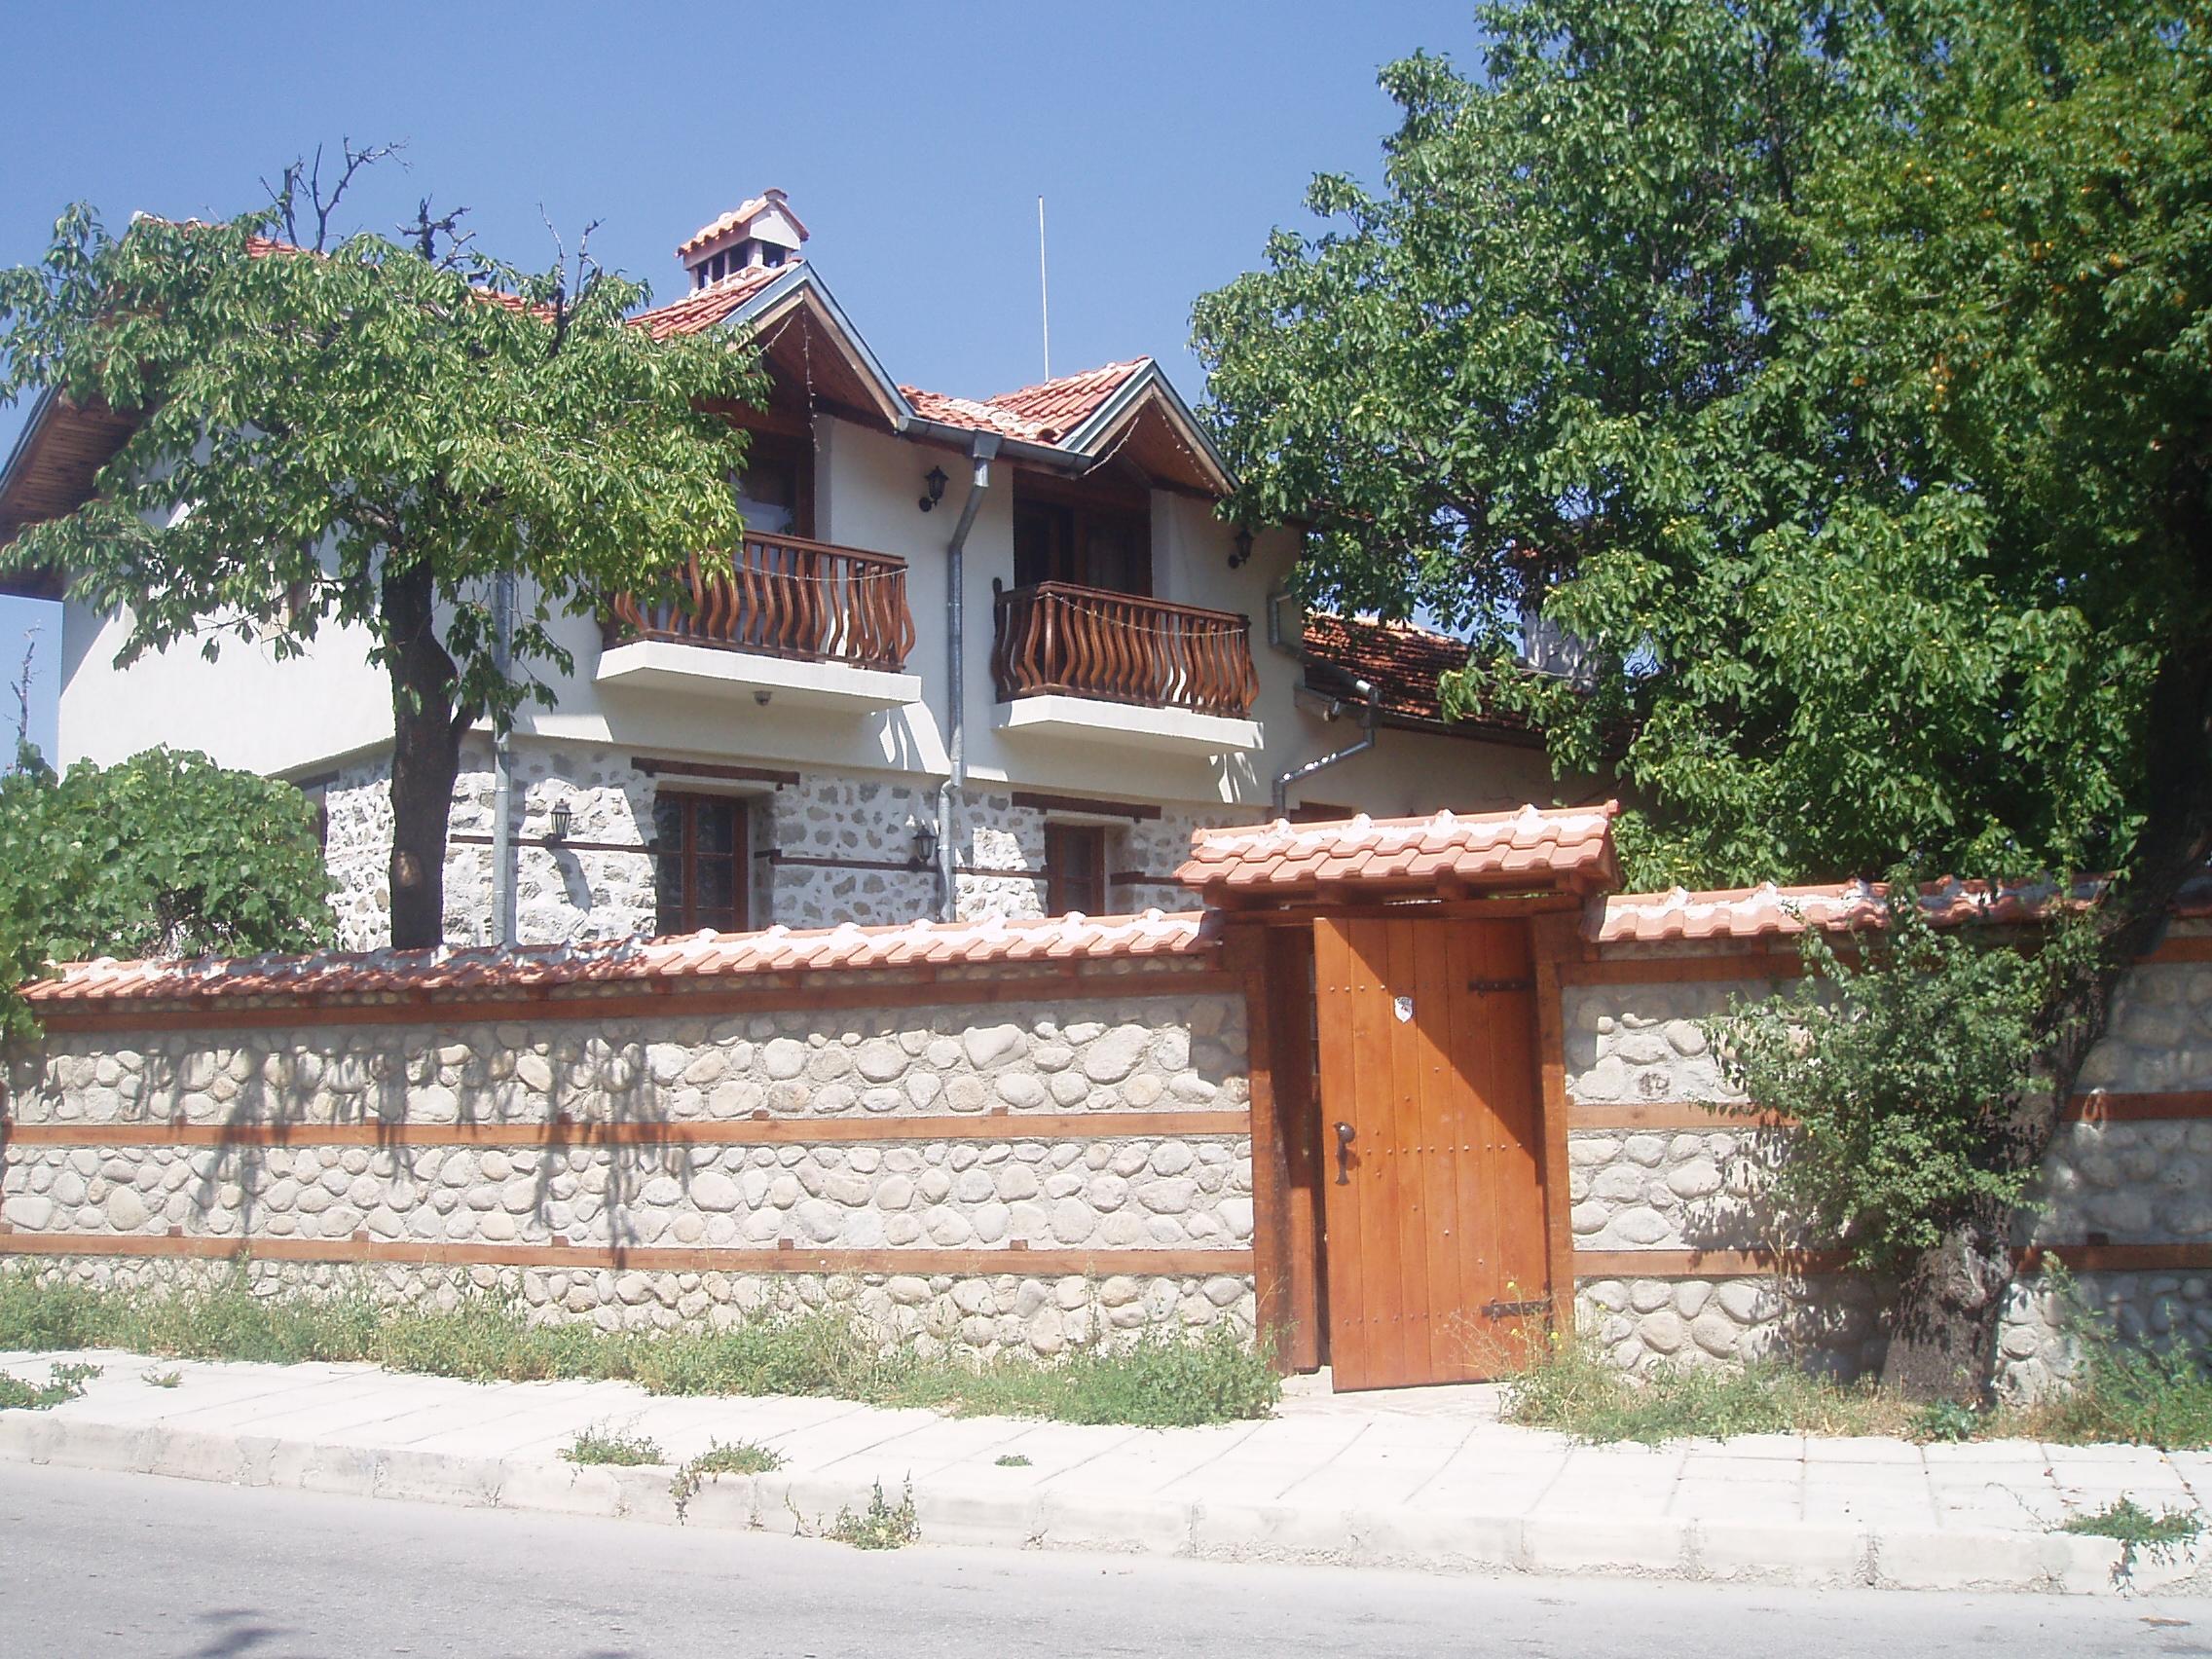 Bulgaristanda Kiralık Gayrimenkul